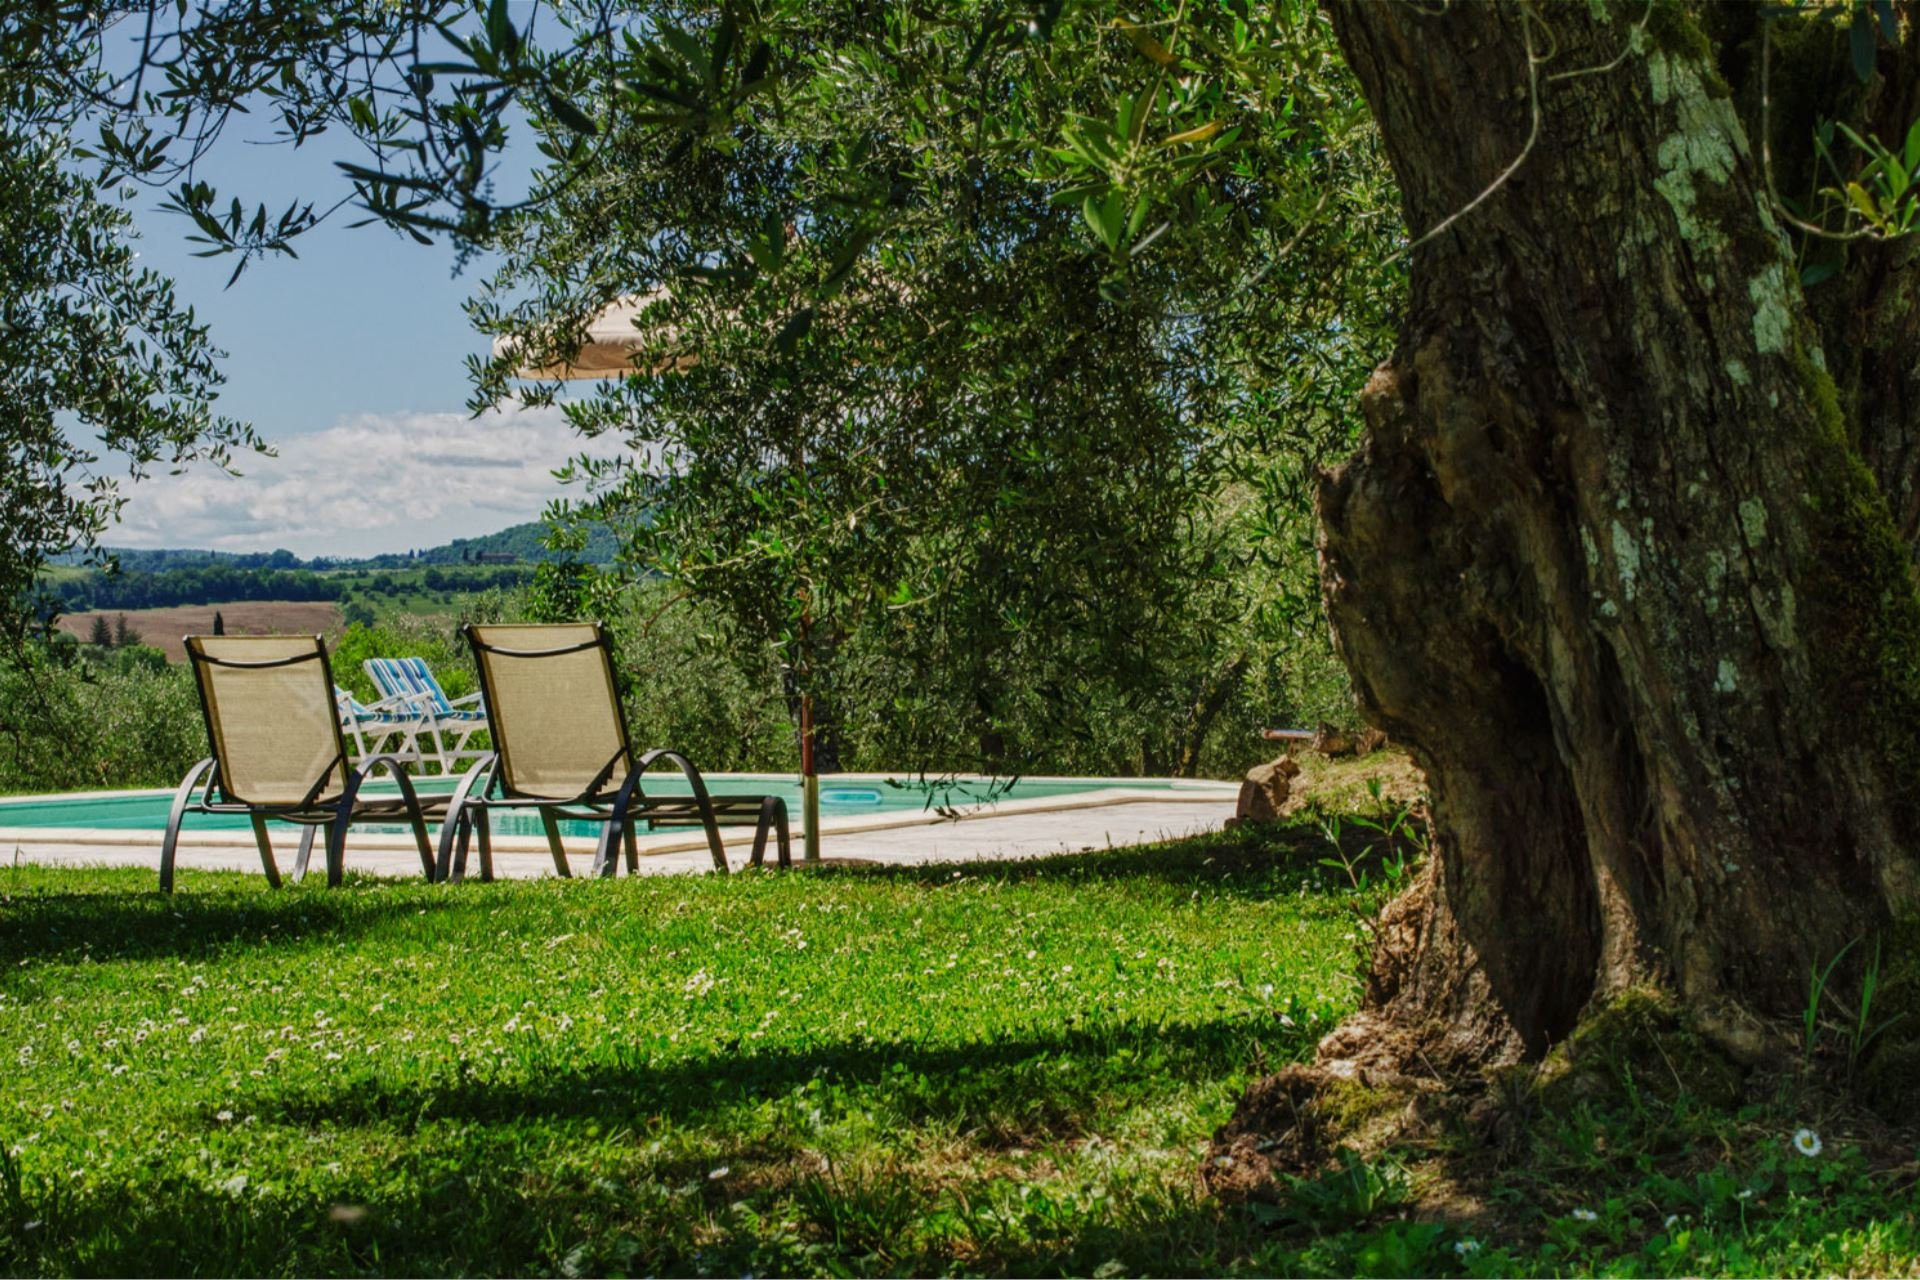 Scianellone-zwembad-2-ligbedden